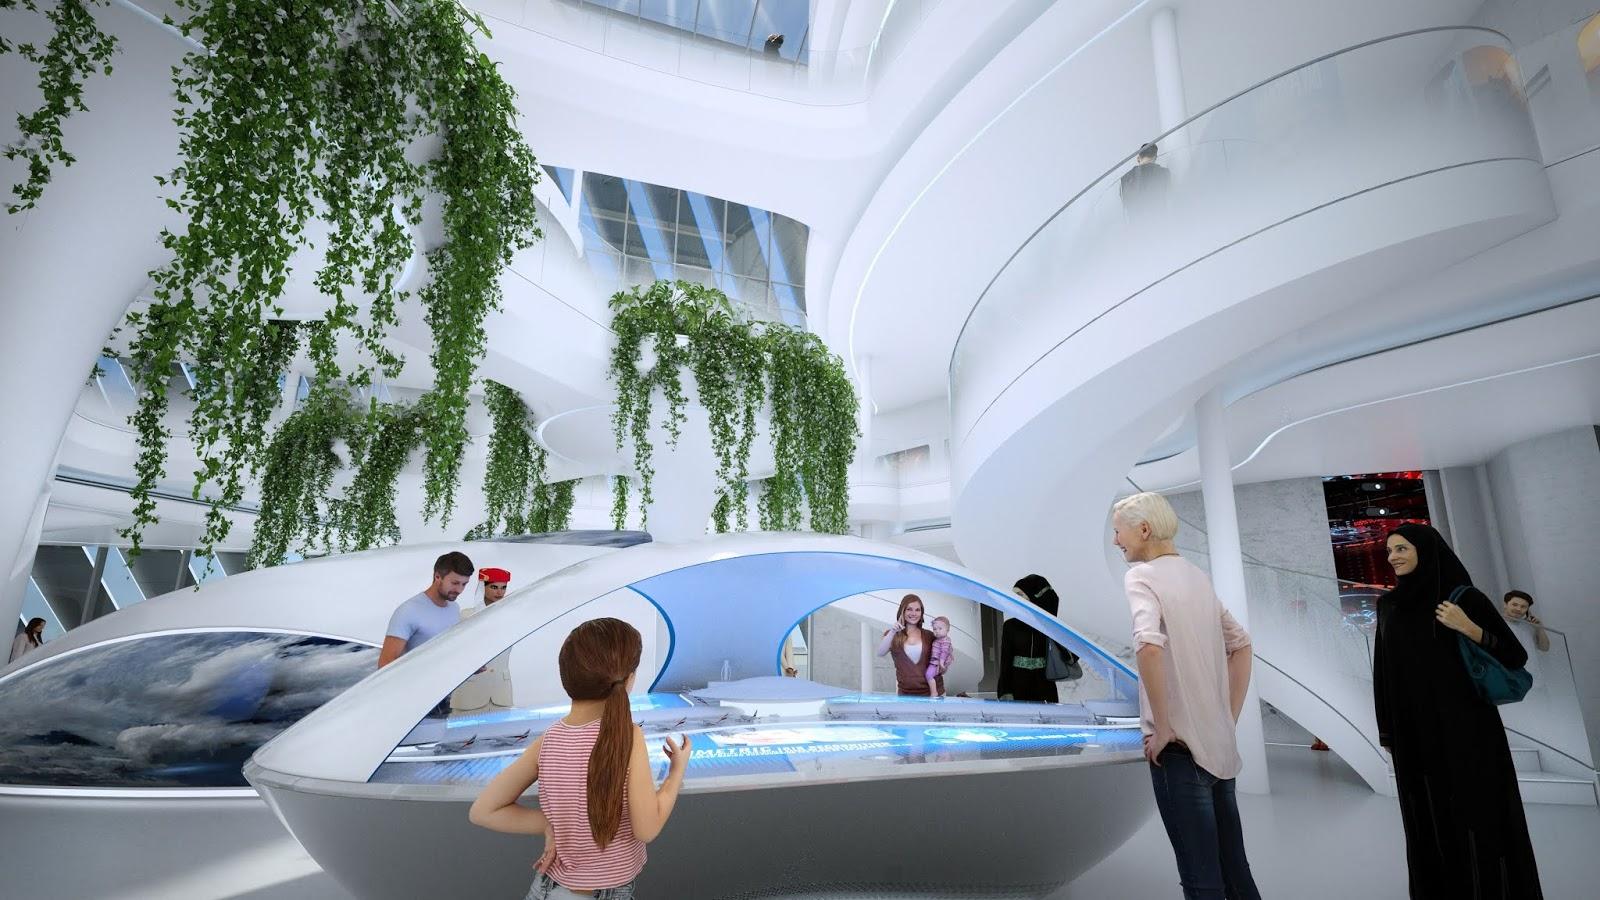 Expo 2020 Dubai – Emirates apresenta seu pavilhão com foco no futuro da aviação comercial – Veja Fotos - É MAIS QUE VOAR